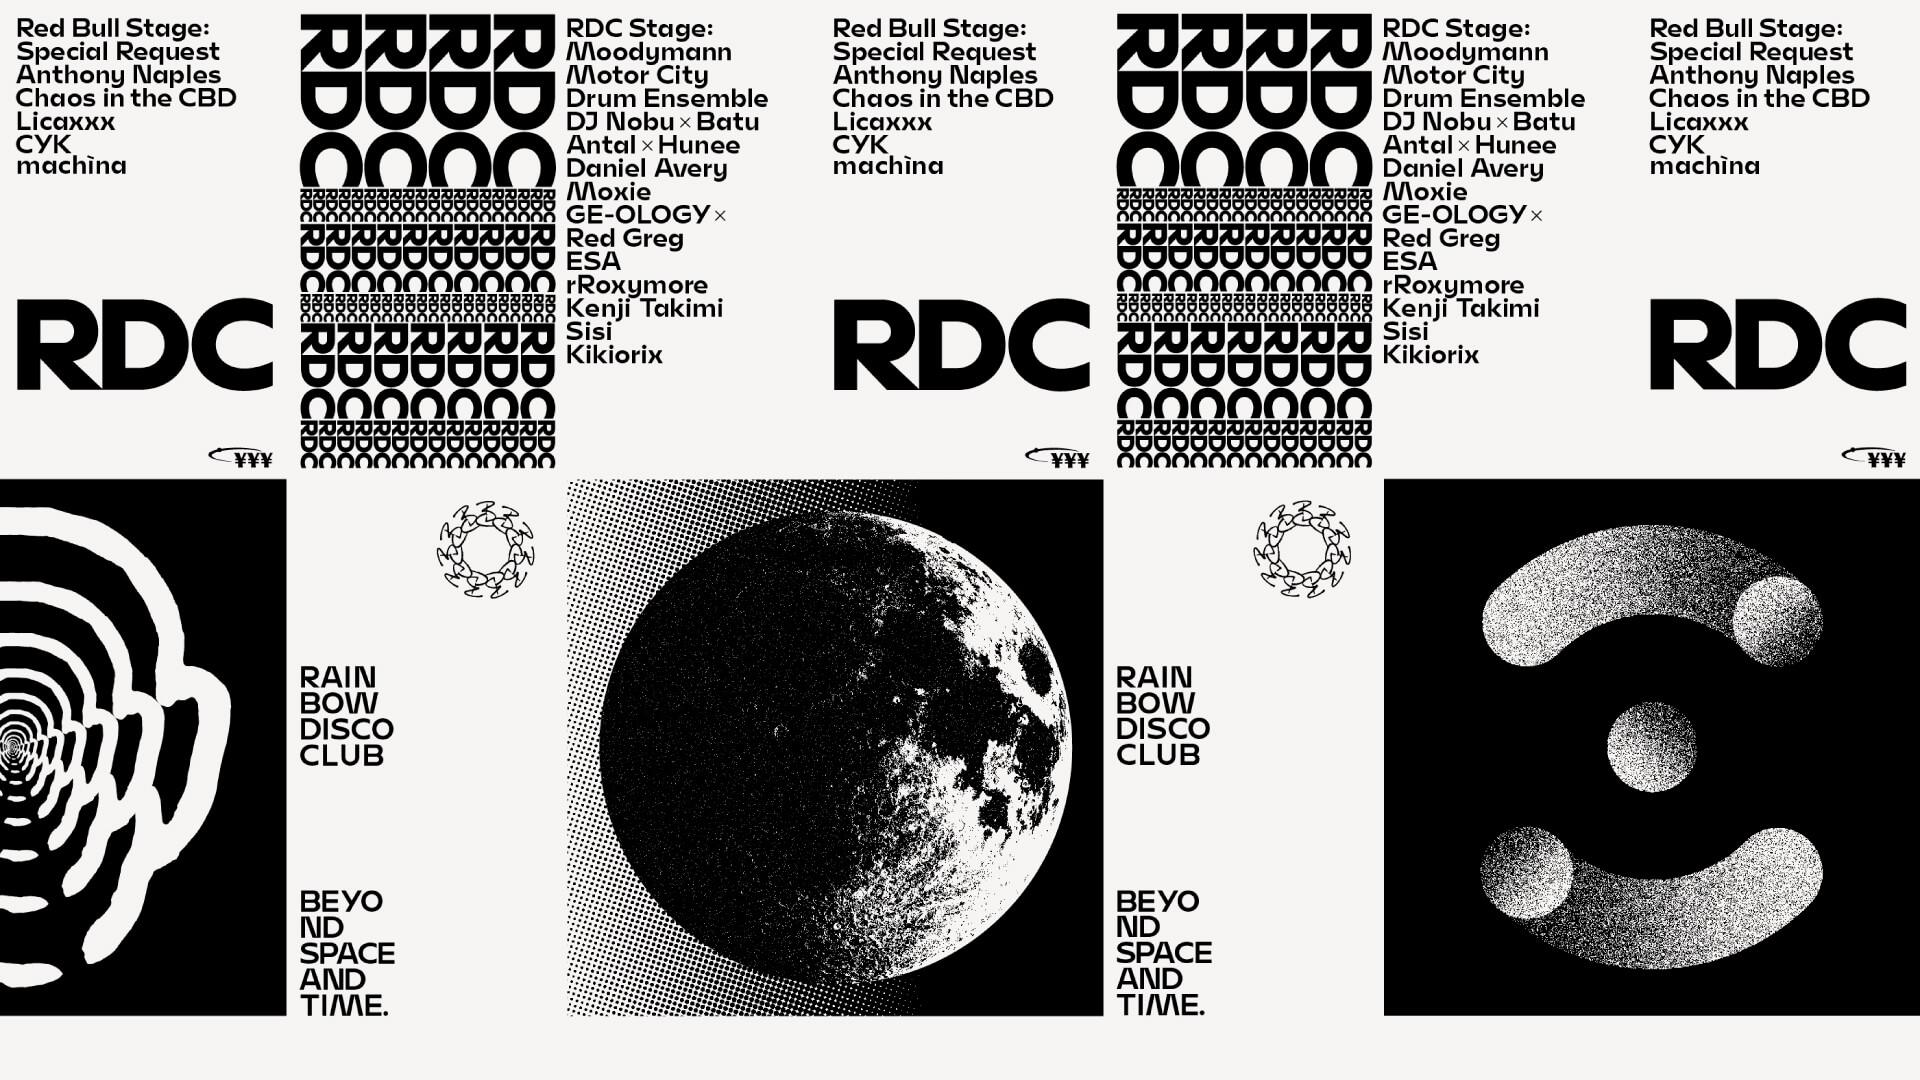 今年の<RAINBOW DISCO CLUB>フルラインナップが一挙公開!Moodymann、Chaos in the CBD、Moxieら登場 music200205_rdc_2